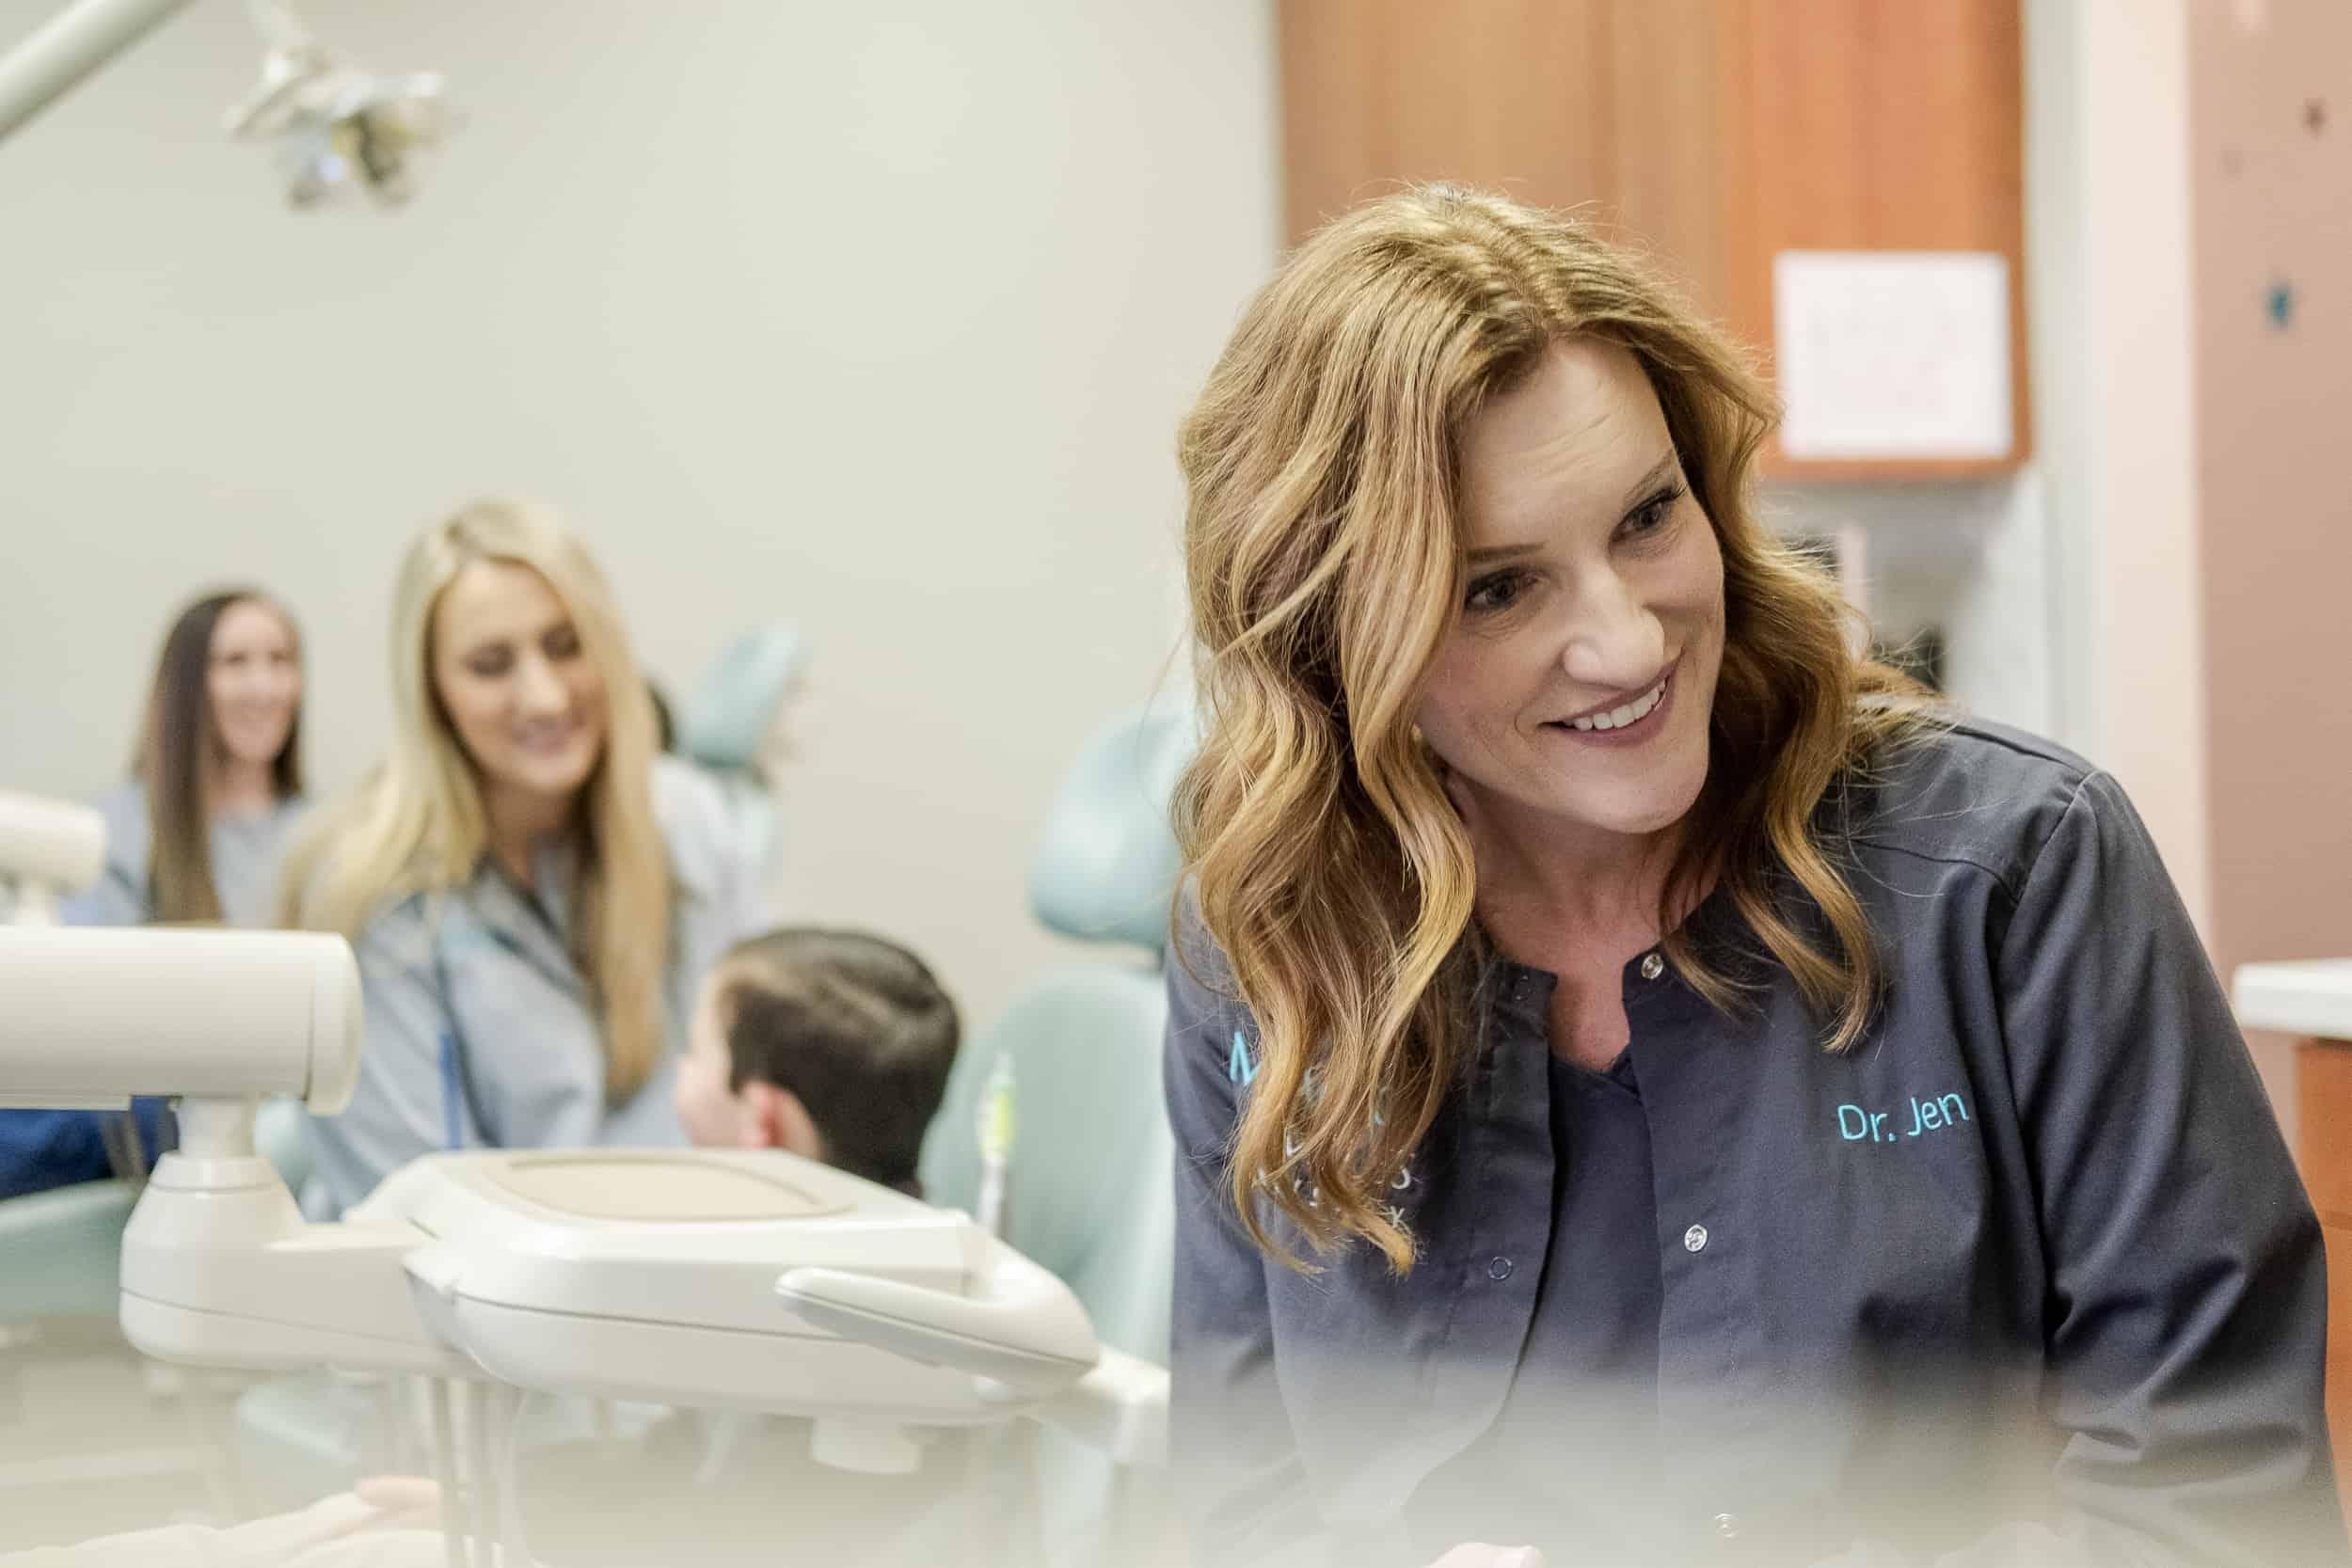 Doctors Magic Smiles Dentistry 2019 El Dorado Hills California Dentist 26 - Common Dental Questions